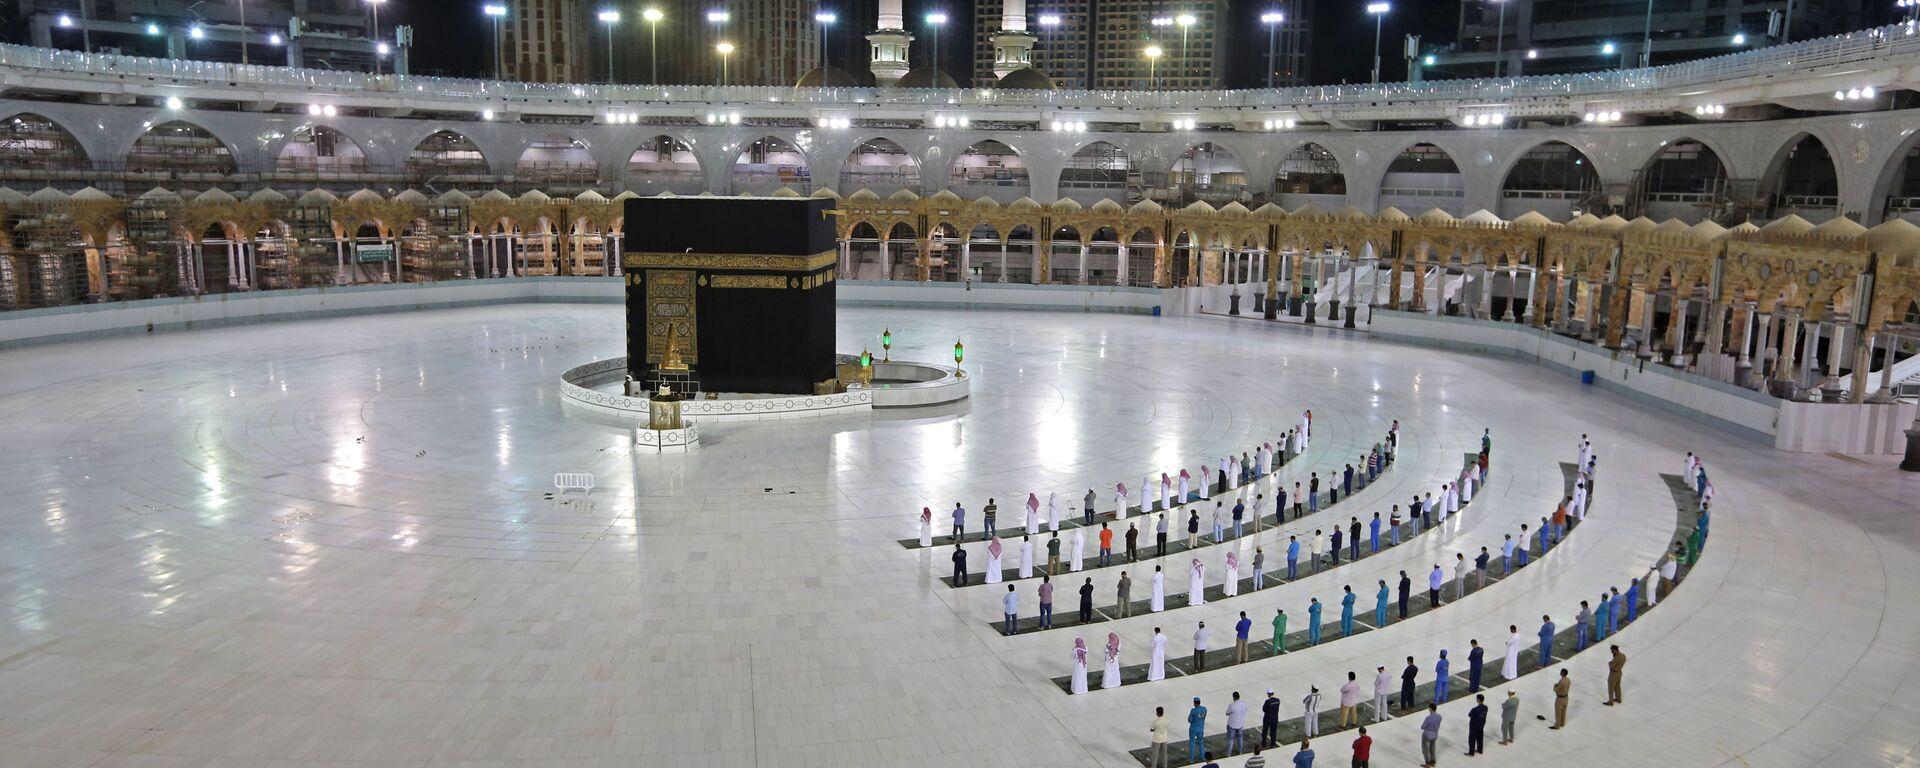 Верующие во время молитвы в Каабе, Саудовская Аравия - Sputnik Ўзбекистон, 1920, 08.07.2020